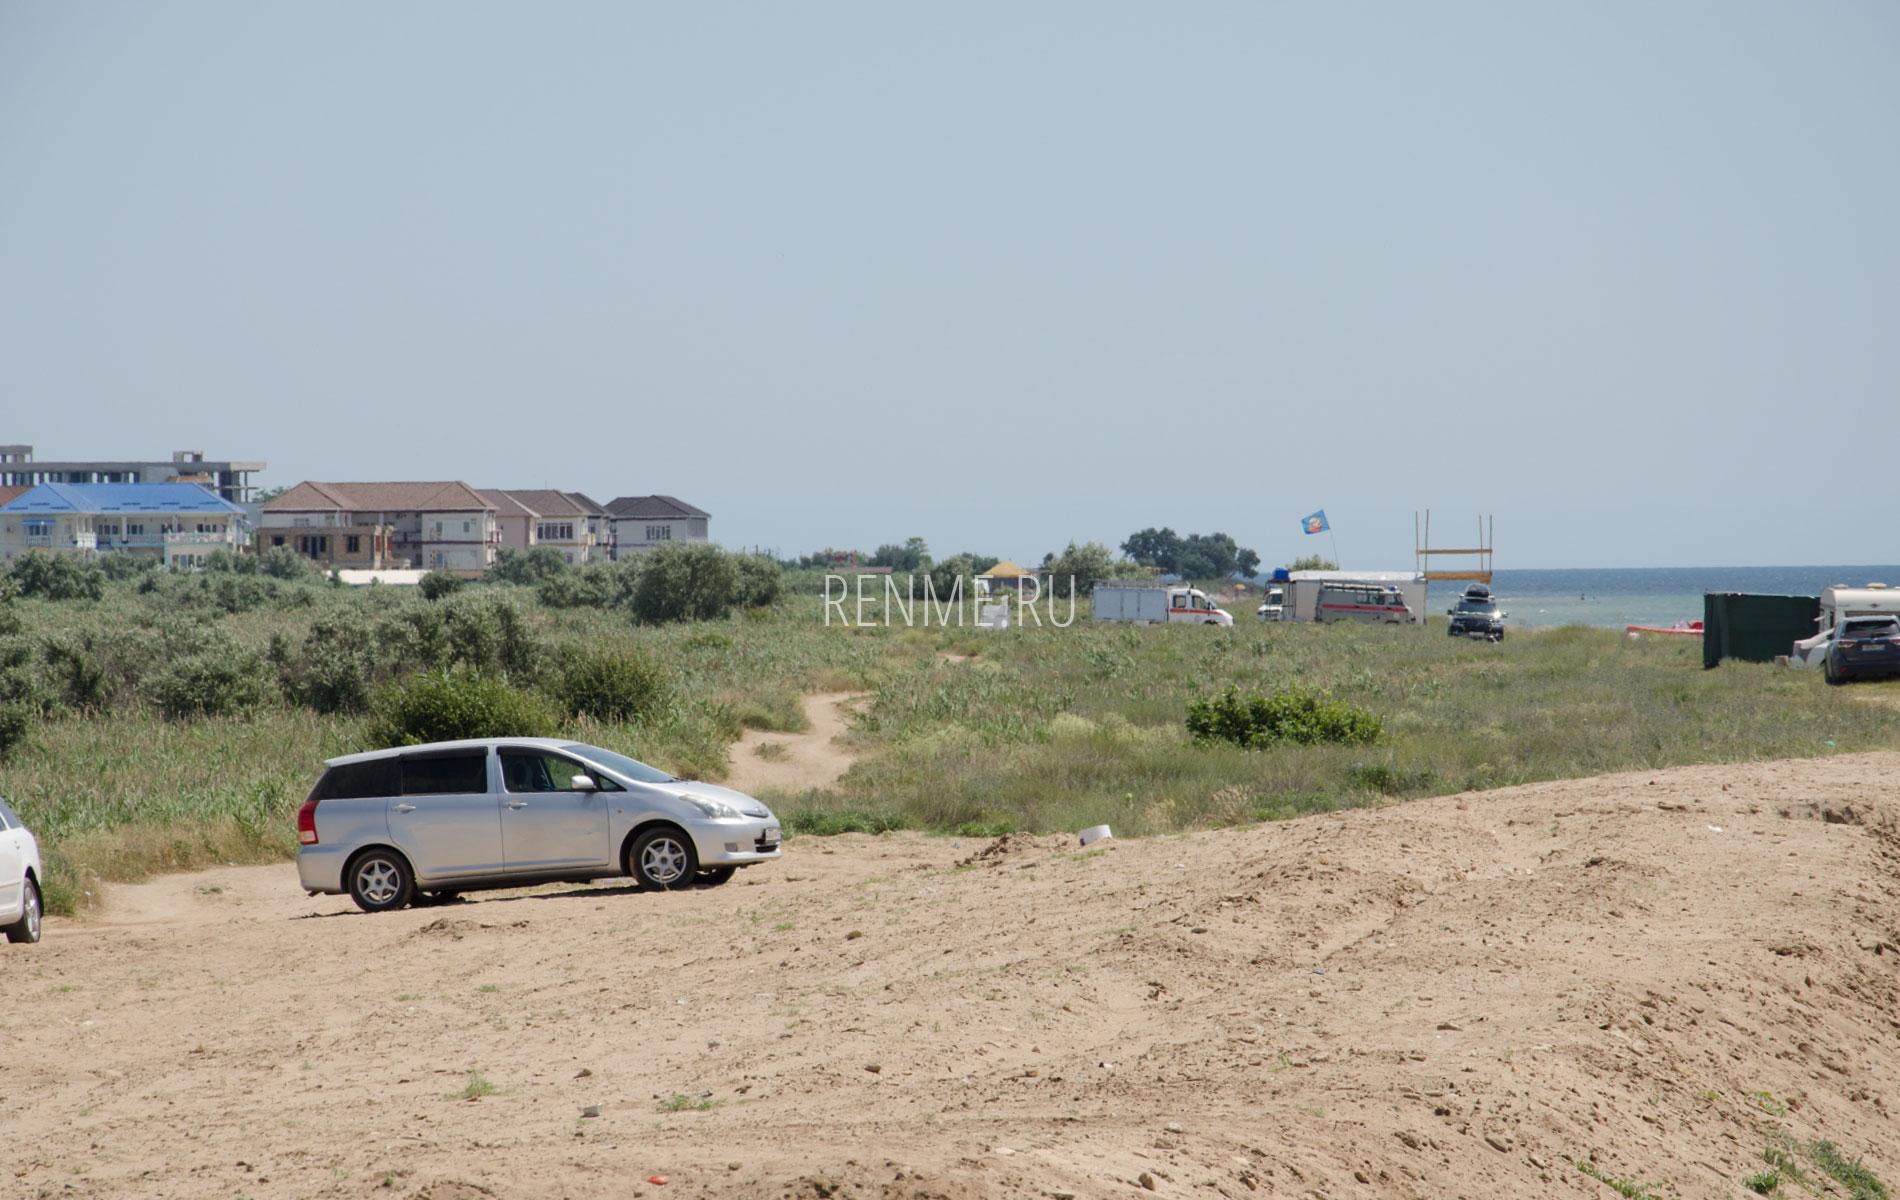 Дикий пляж под Евпаторией, Заозерное. Фото Заозёрного